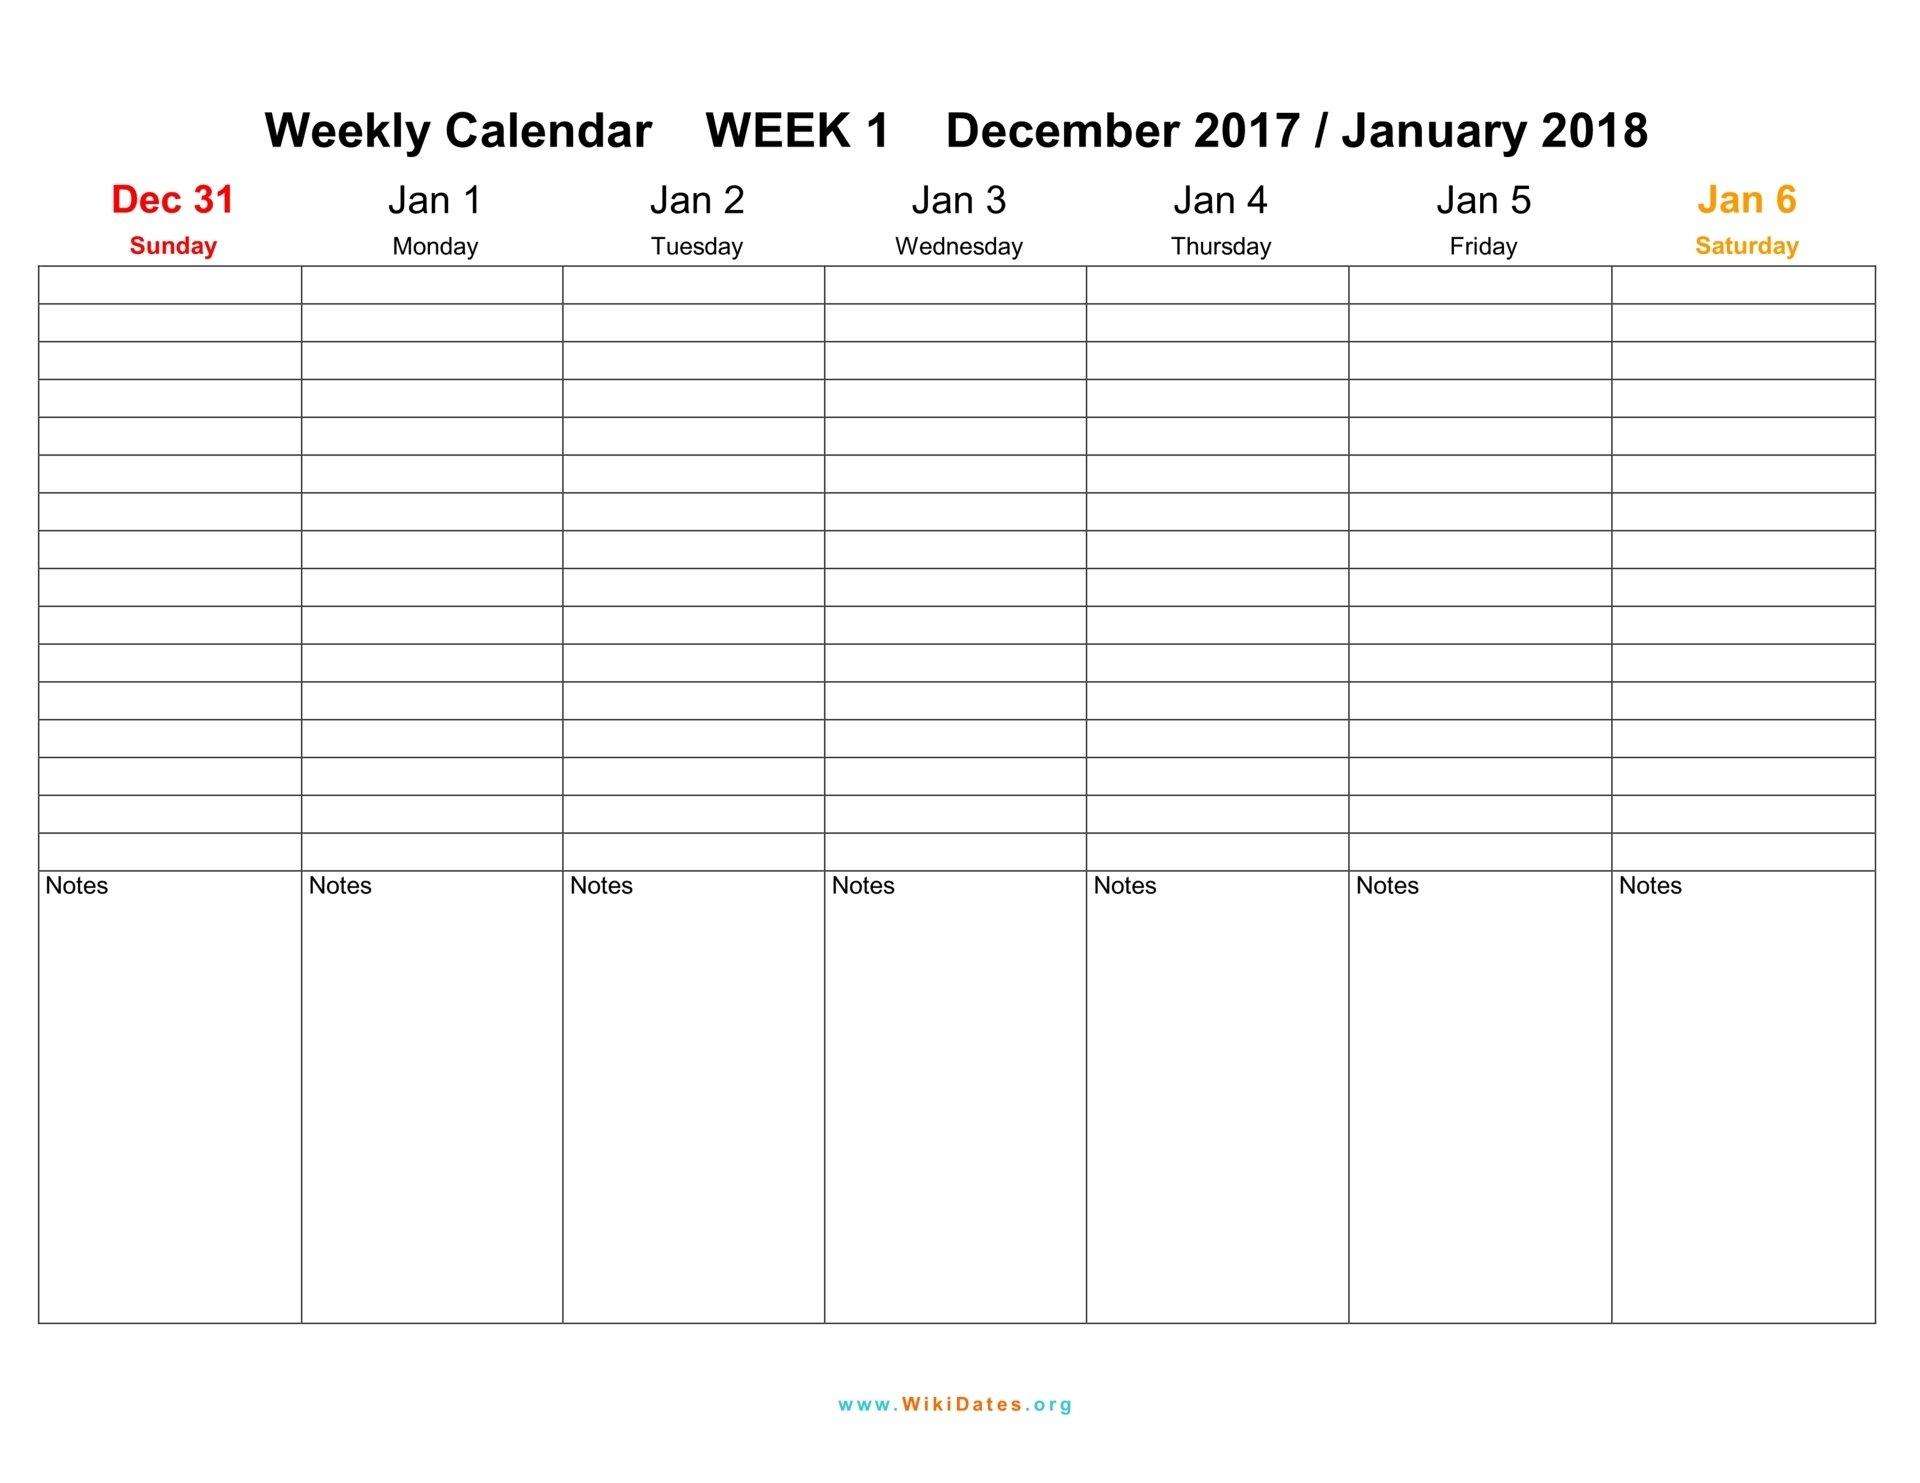 Weekly Calendar - Download Weekly Calendar 2017 And 2018 1 Week Calendar Printable